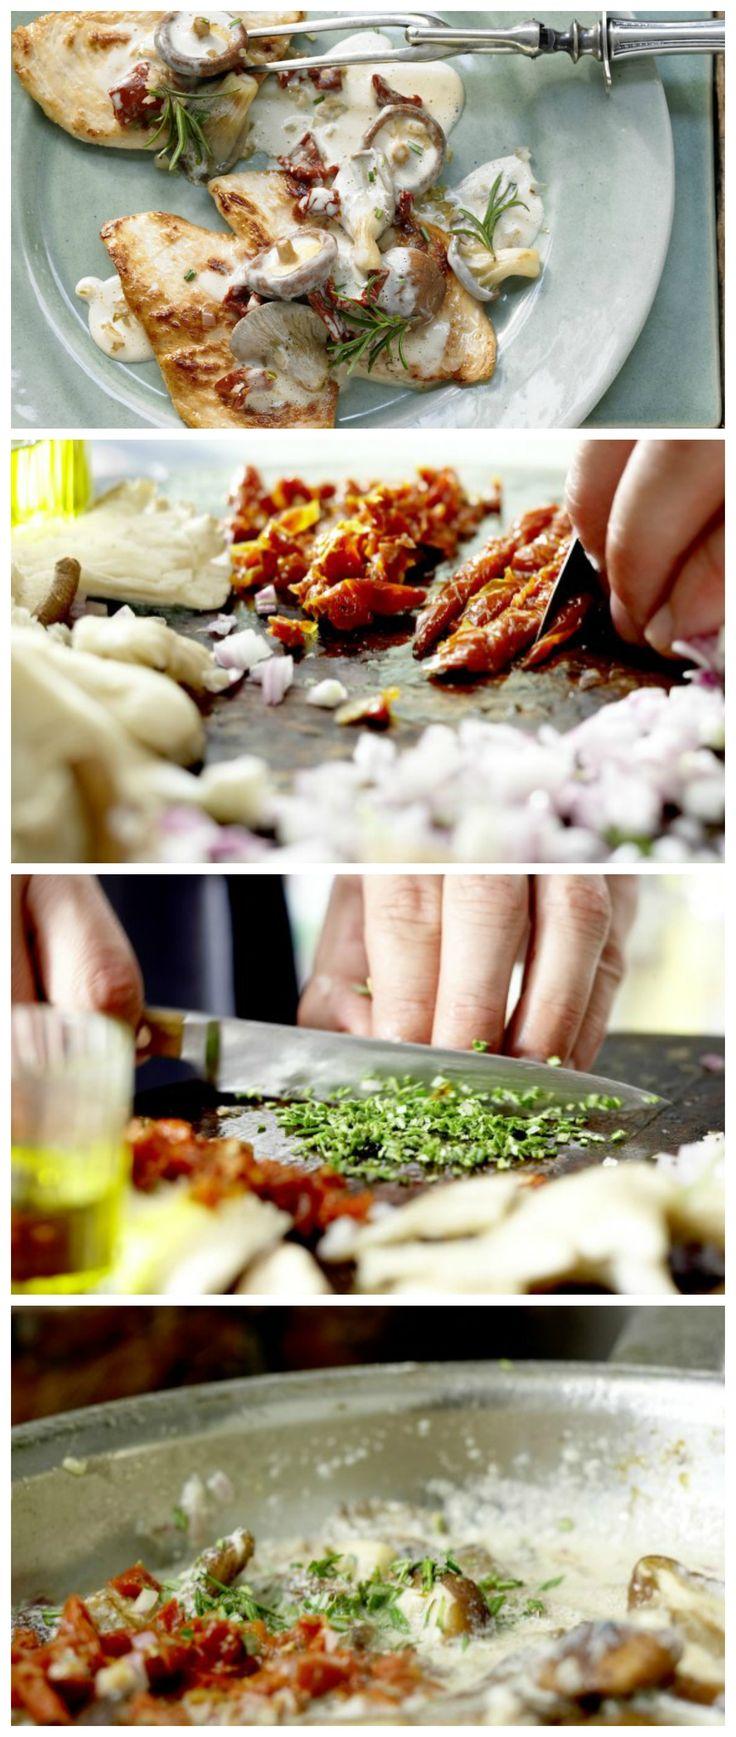 Schnitzel im Mehl wenden, durch das Ei ziehen und mit den Bröseln rundherum panieren: Wiener Schnitzel – smarter mit geriebenem Meerrettich | http://eatsmarter.de/rezepte/meerrettich-schnitzel